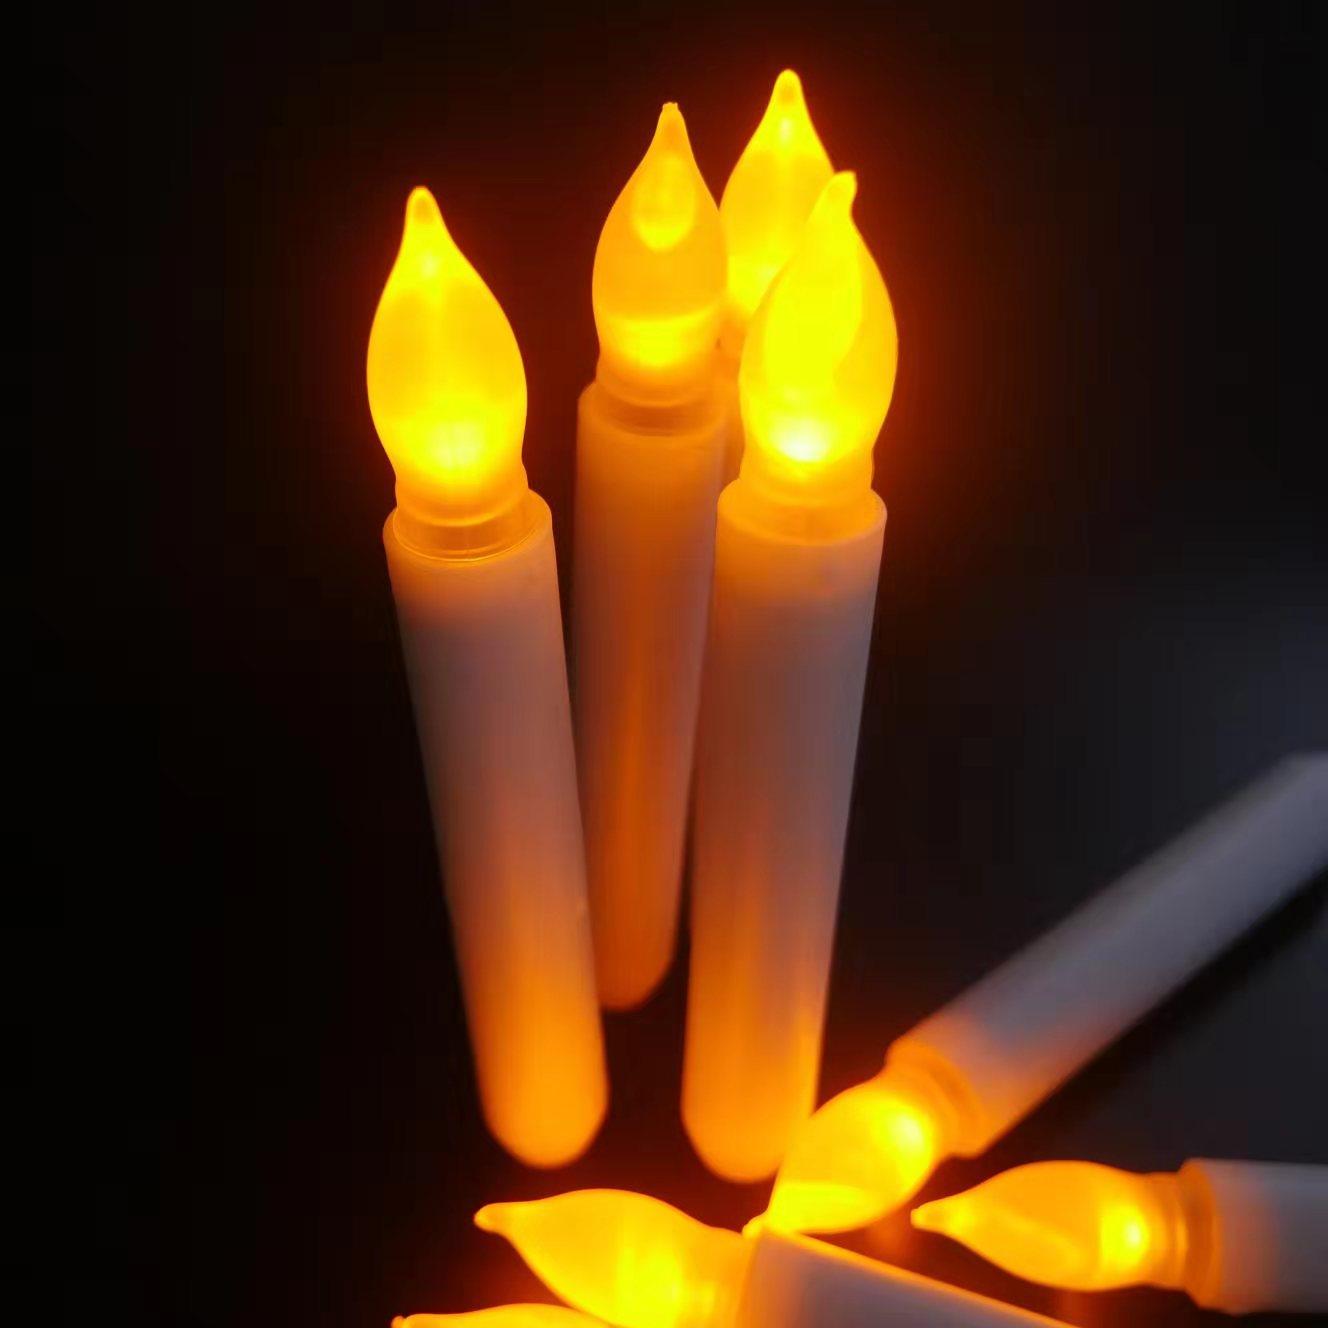 福建生日LED电子蜡烛灯厂家 其志供应